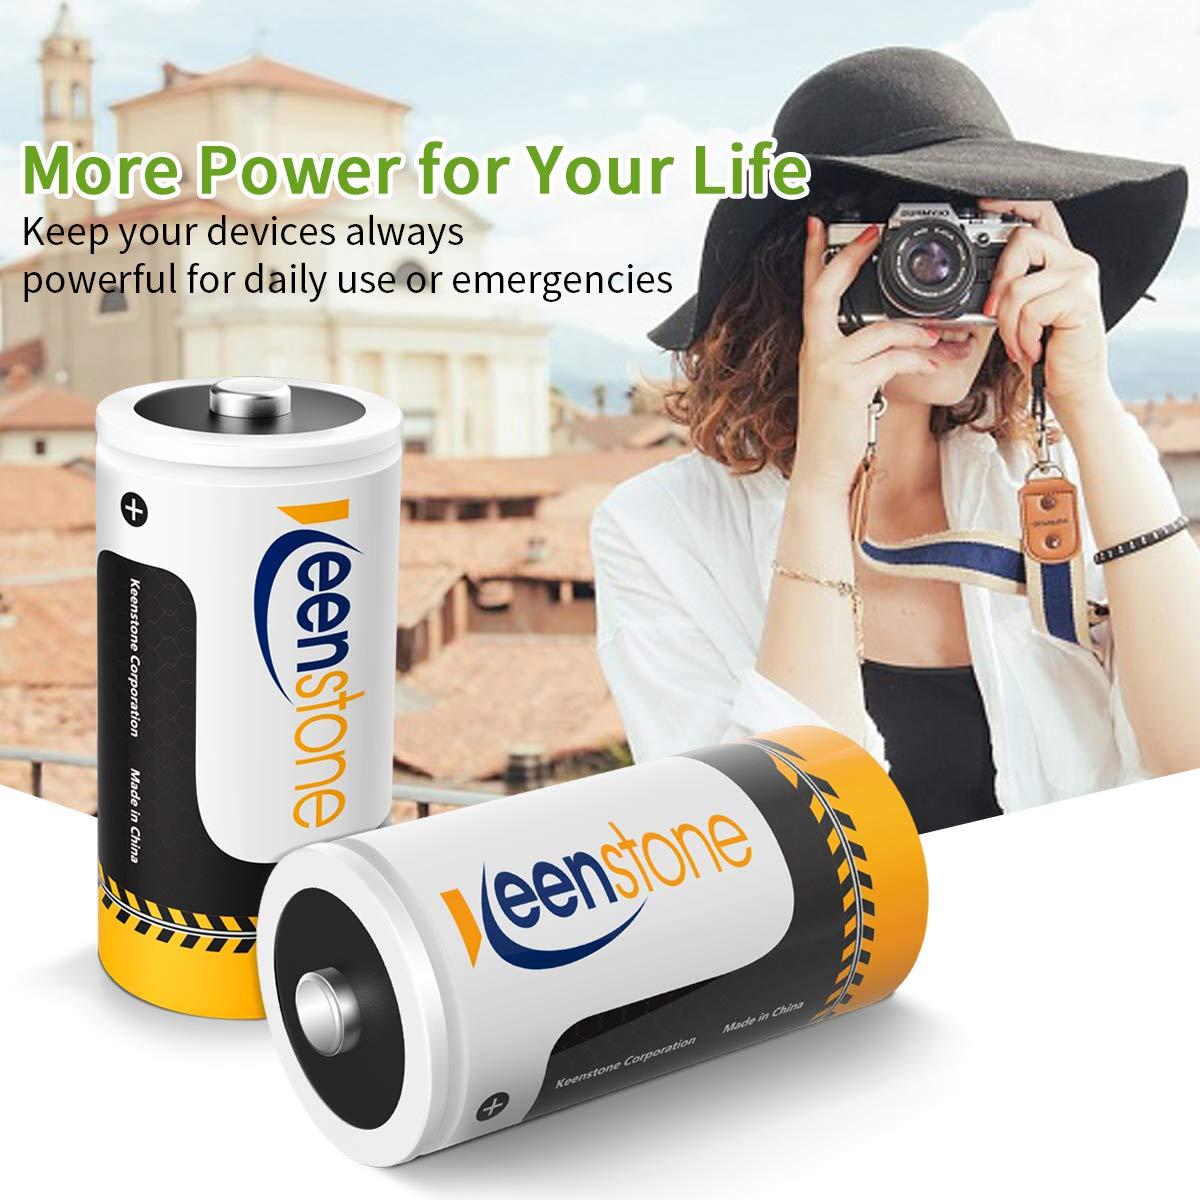 Keenstone D Size 4PCS Pilas Ni-MH Recargables Batería 1.2V 10000mAh 1200 Ciclos Potencia Ultra y Rendimiento Alto, con Cajas de Almacenamiento